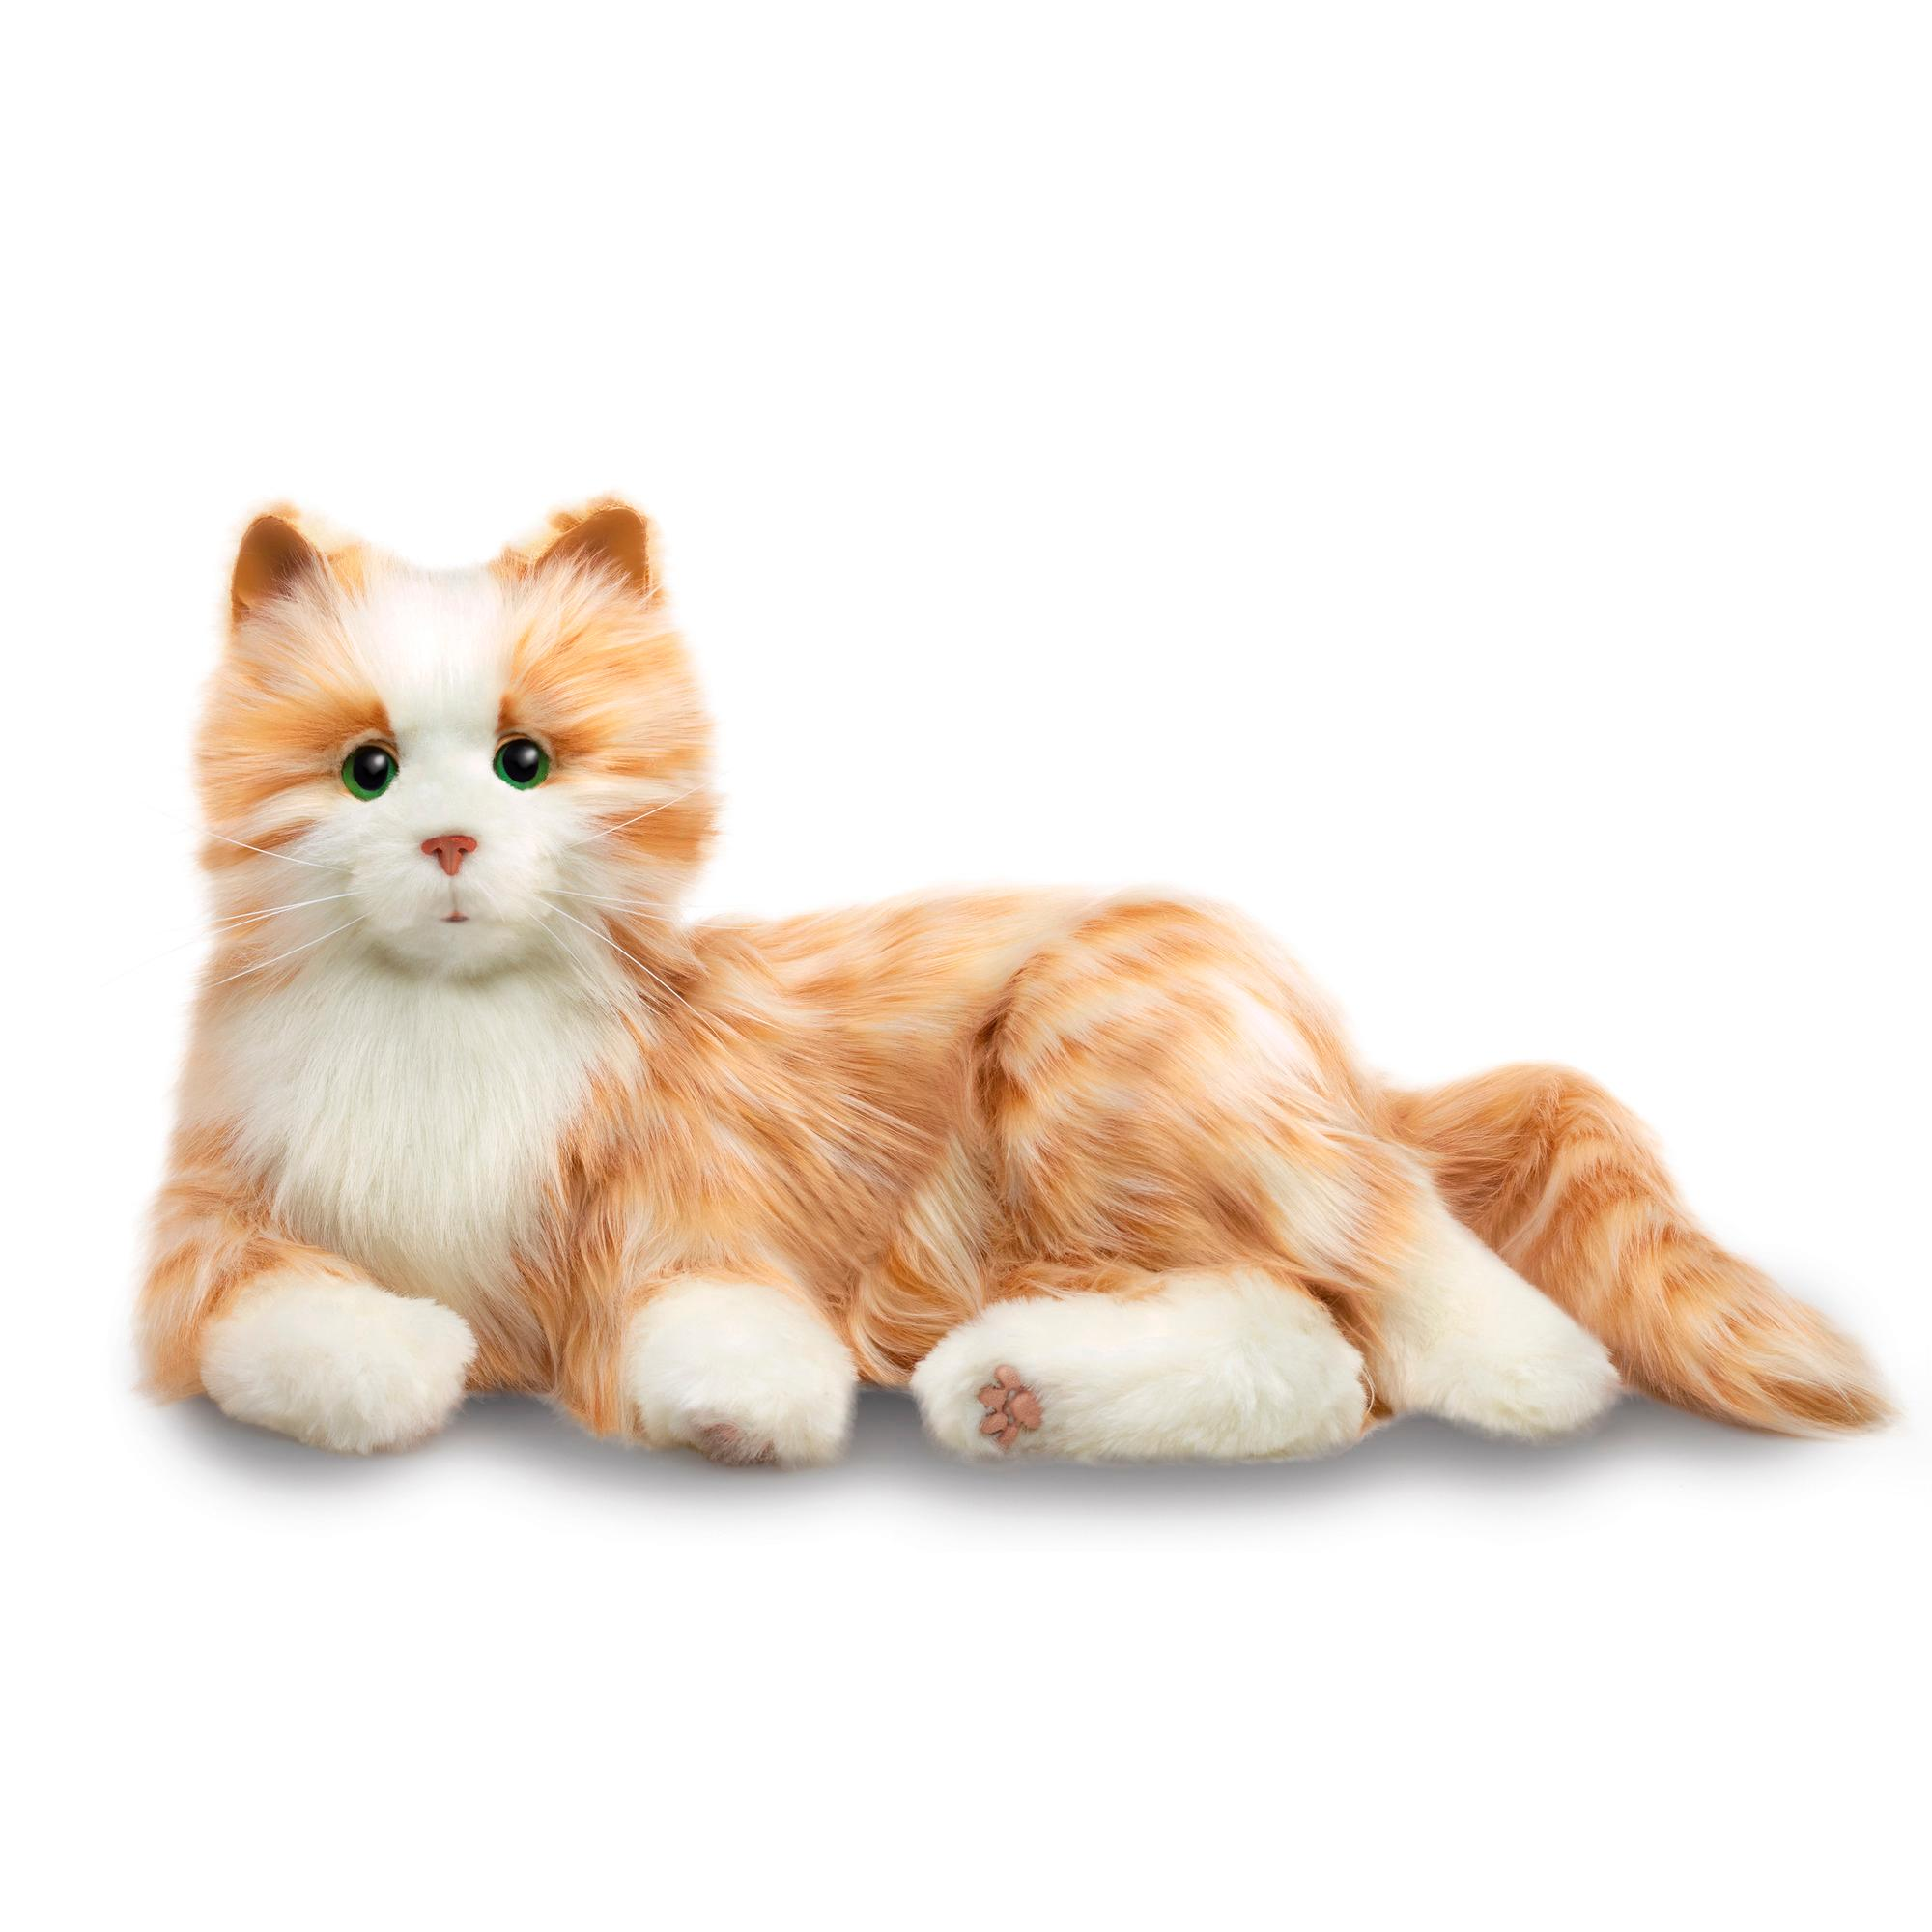 Kids Cat Stuffed Toy